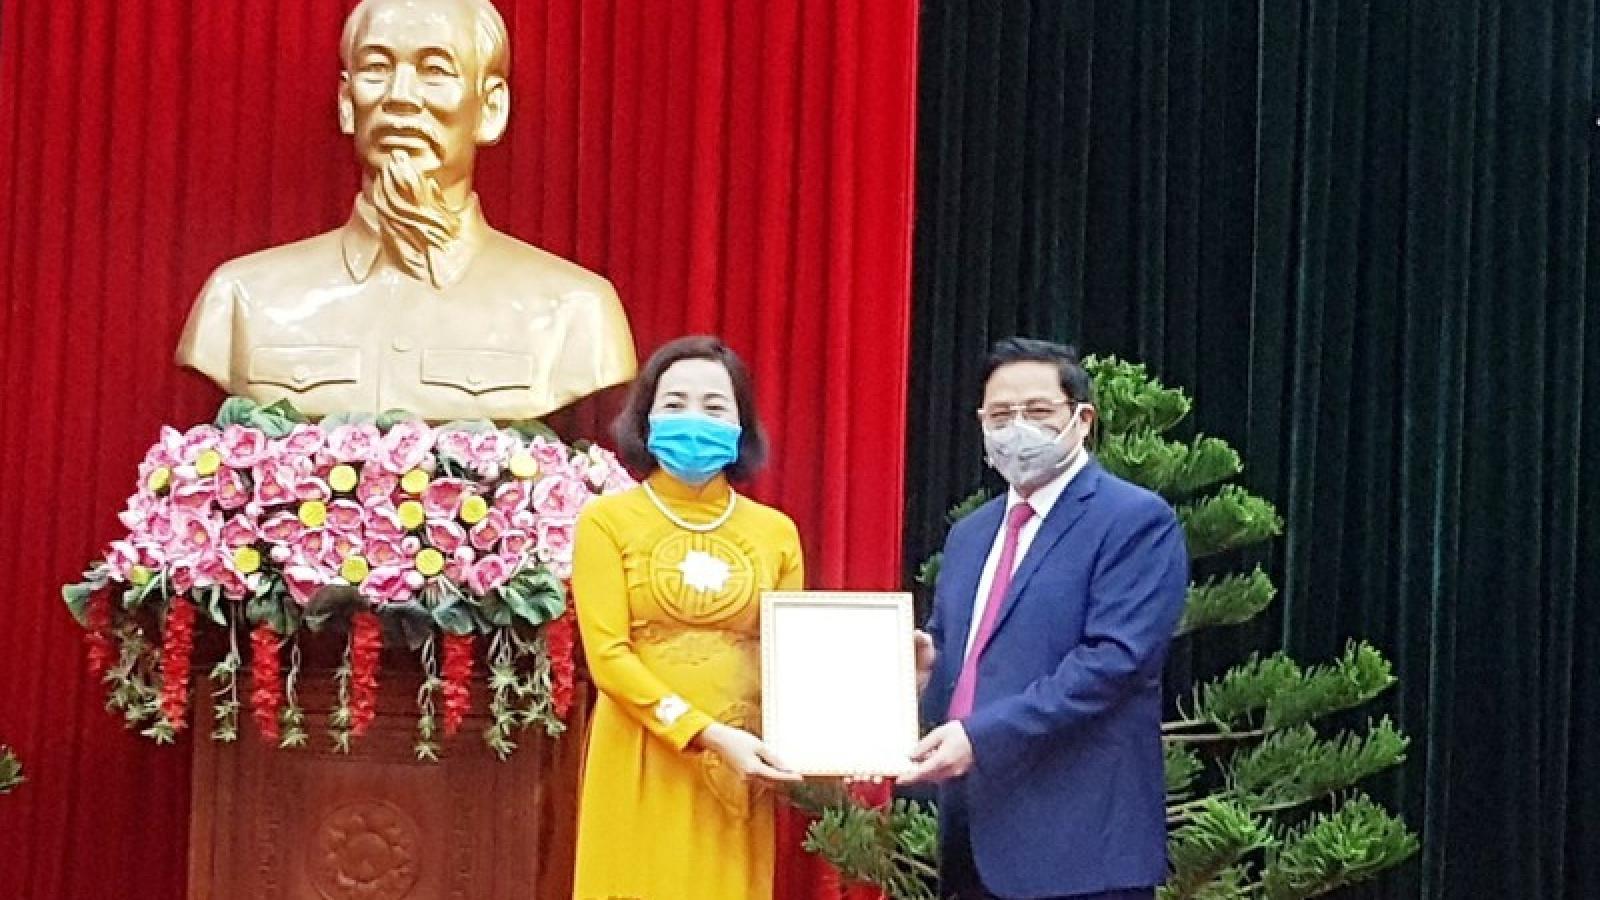 Bà Nguyễn Thị Thu Hà giữ chức Bí thư Tỉnh ủy Ninh Bình 